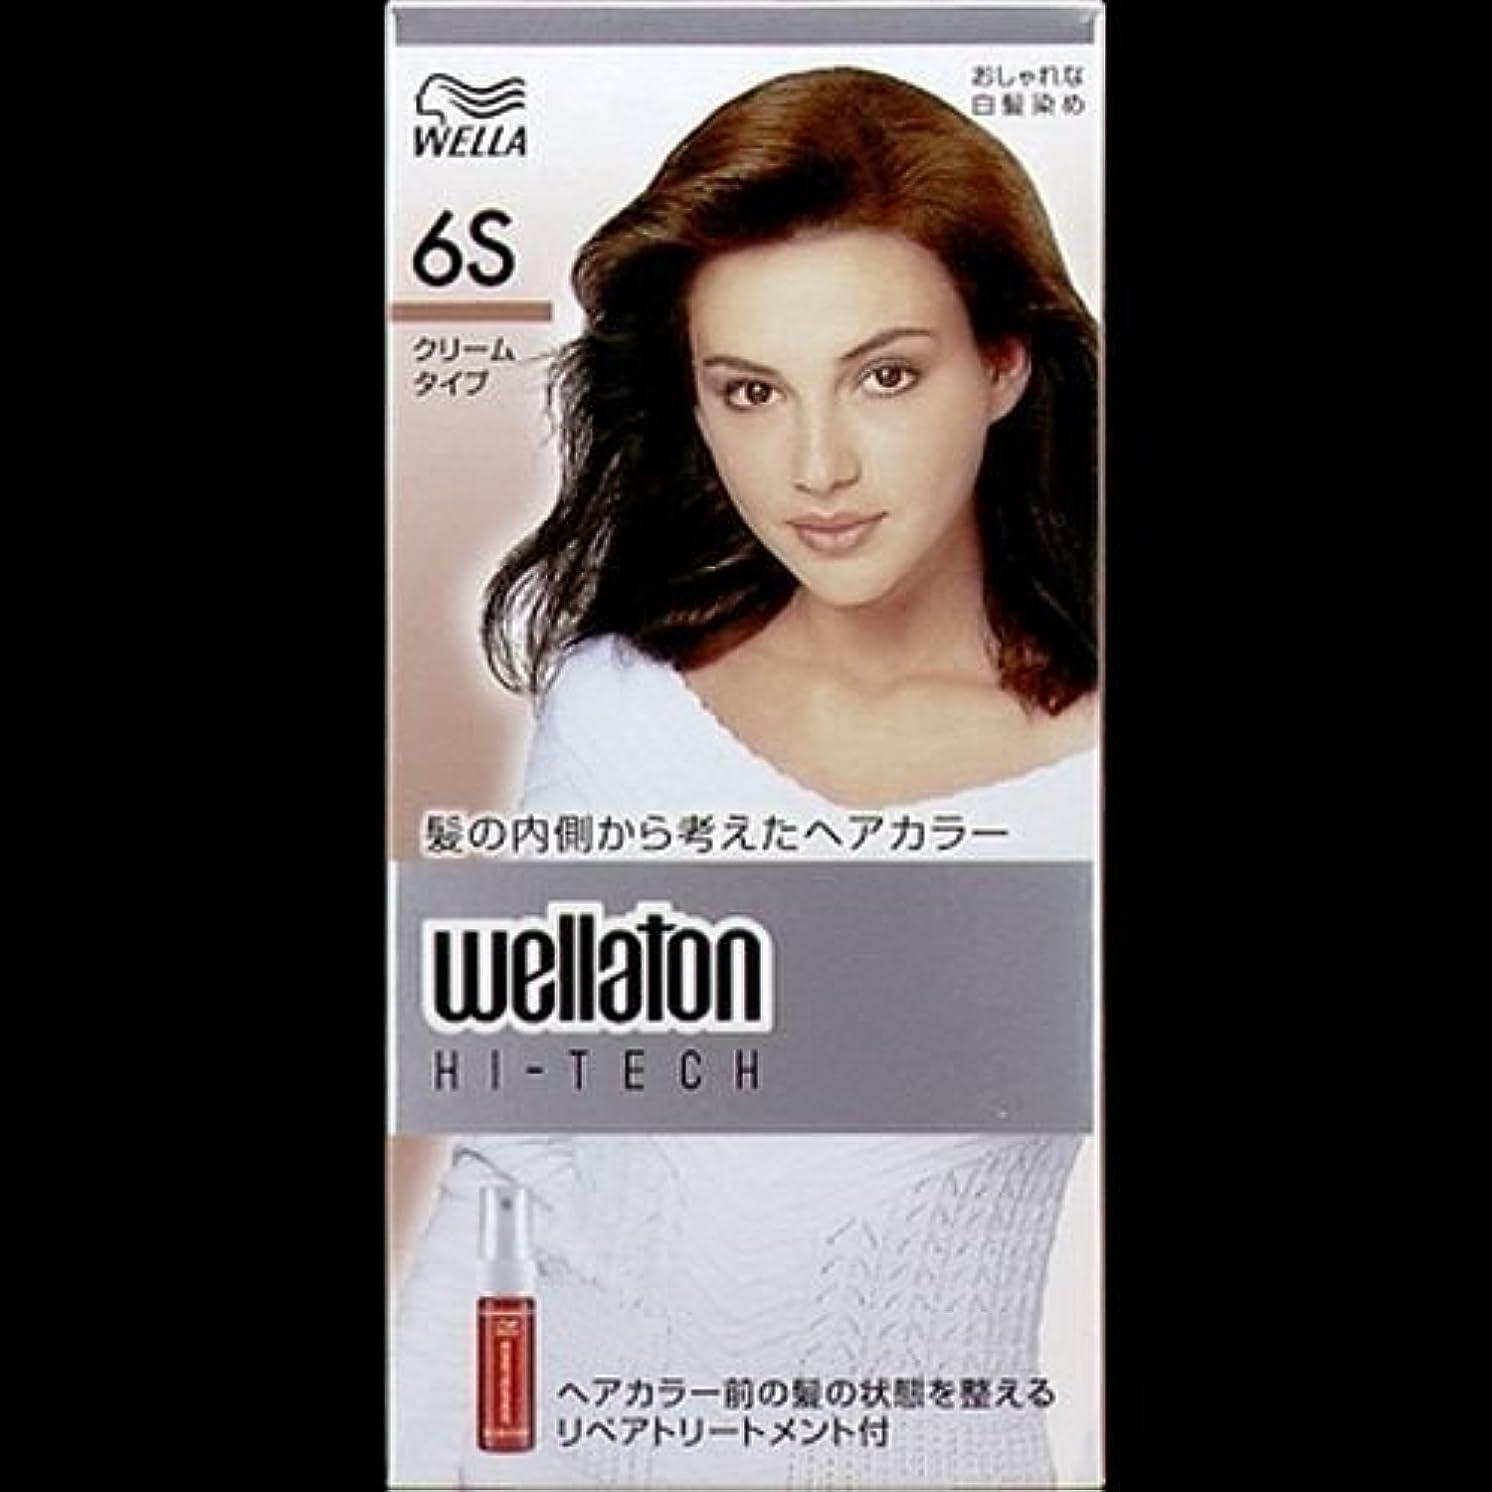 ヒステリックアジア人品揃え【まとめ買い】ウエラトーン ハイテッククリーム 6S ×2セット